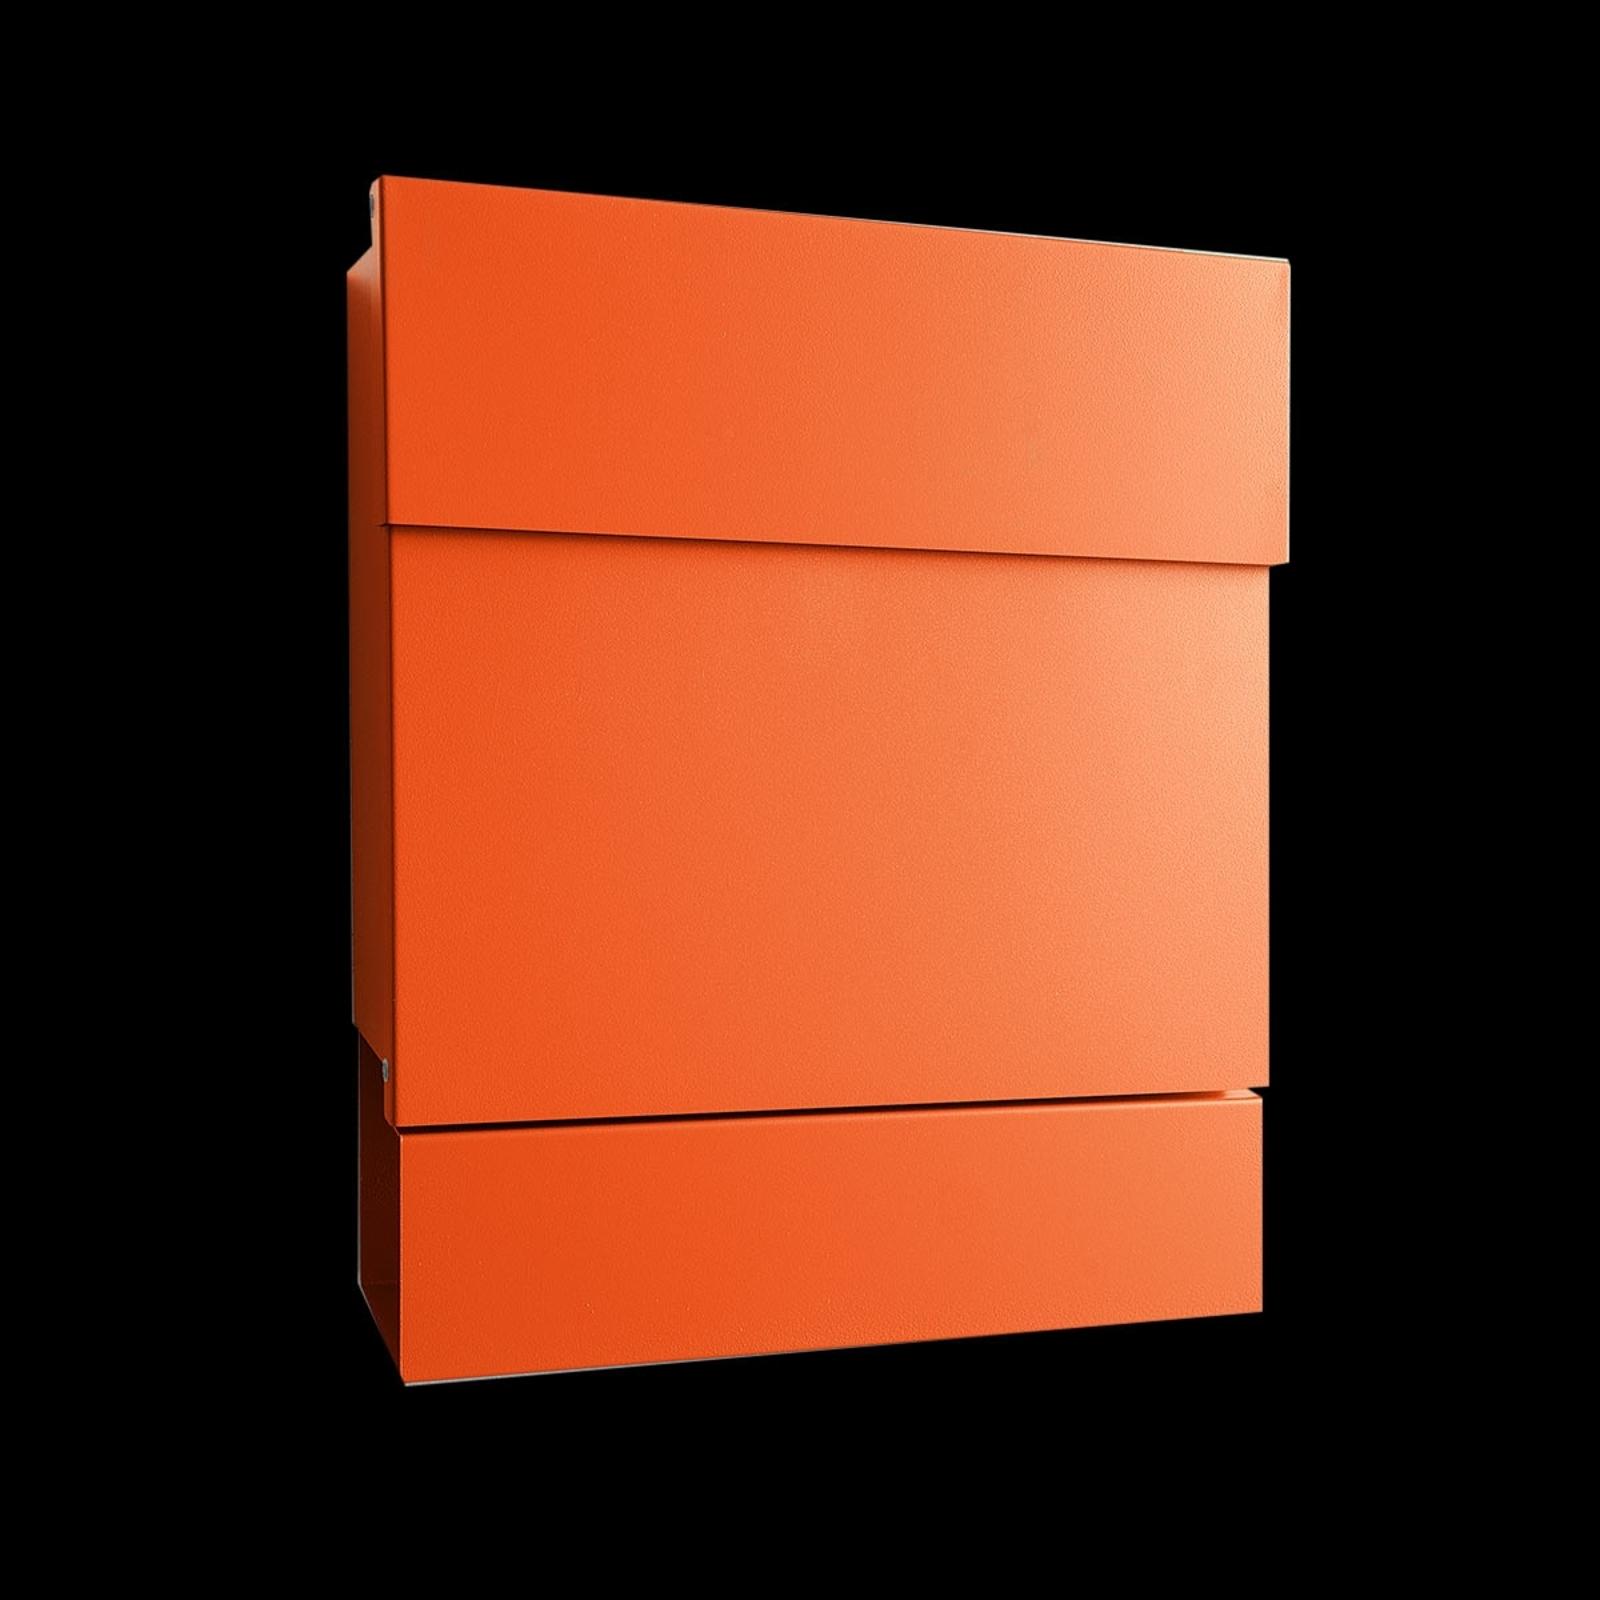 Rummelig brevkasse Letterman V m. avisrum, orange